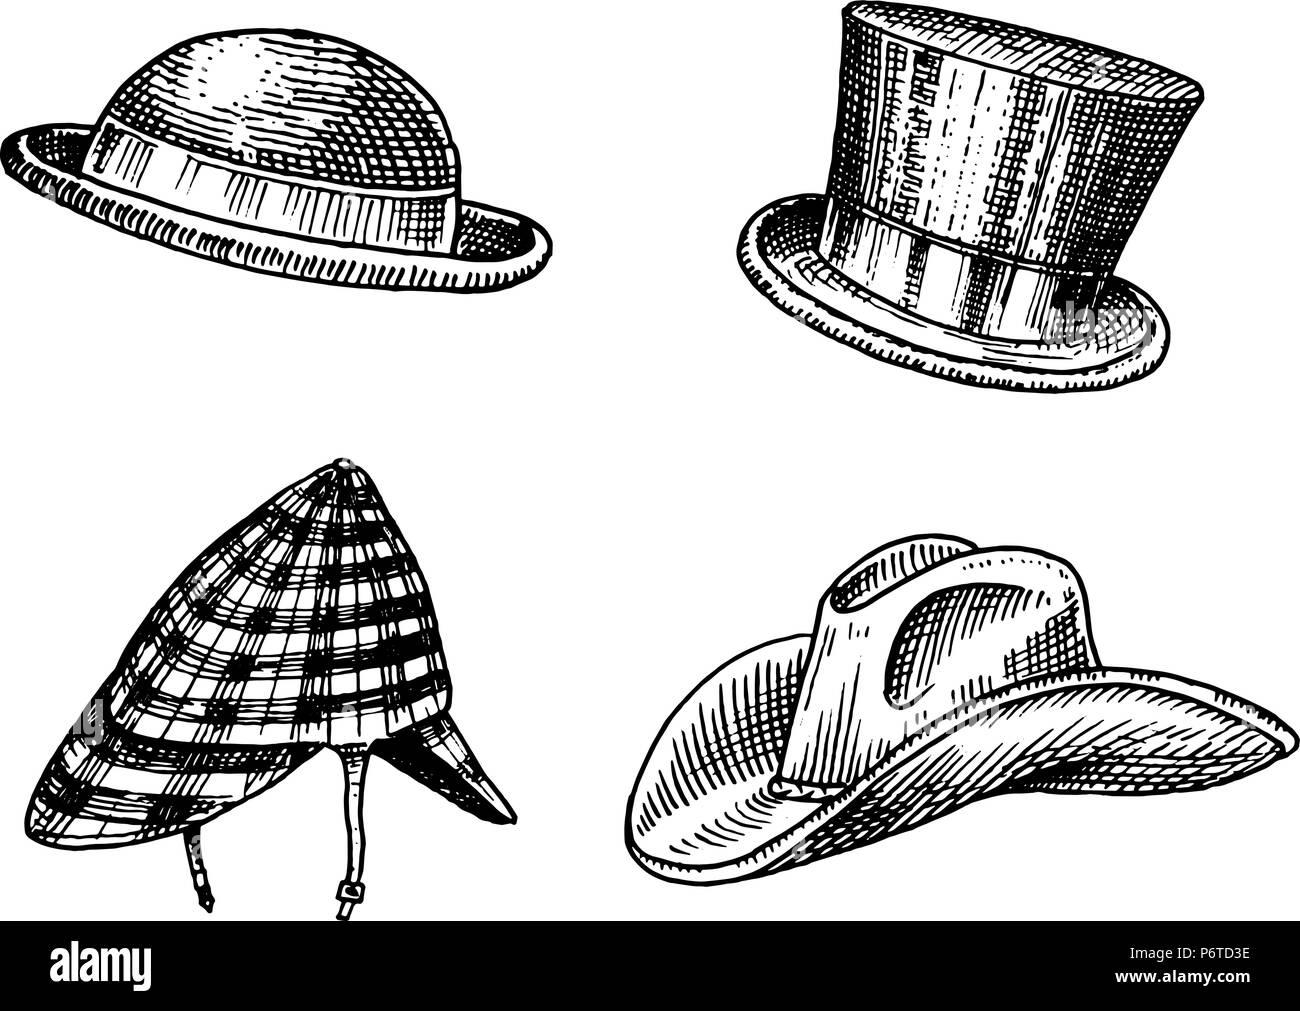 Cosecha de verano Colección de sombreros para hombres elegantes. Fedora  Derby Deerstalker Homburg Bowler Beret Capitán Cowboy Porkpie paja  navegante gorra. 3413e4a1ded